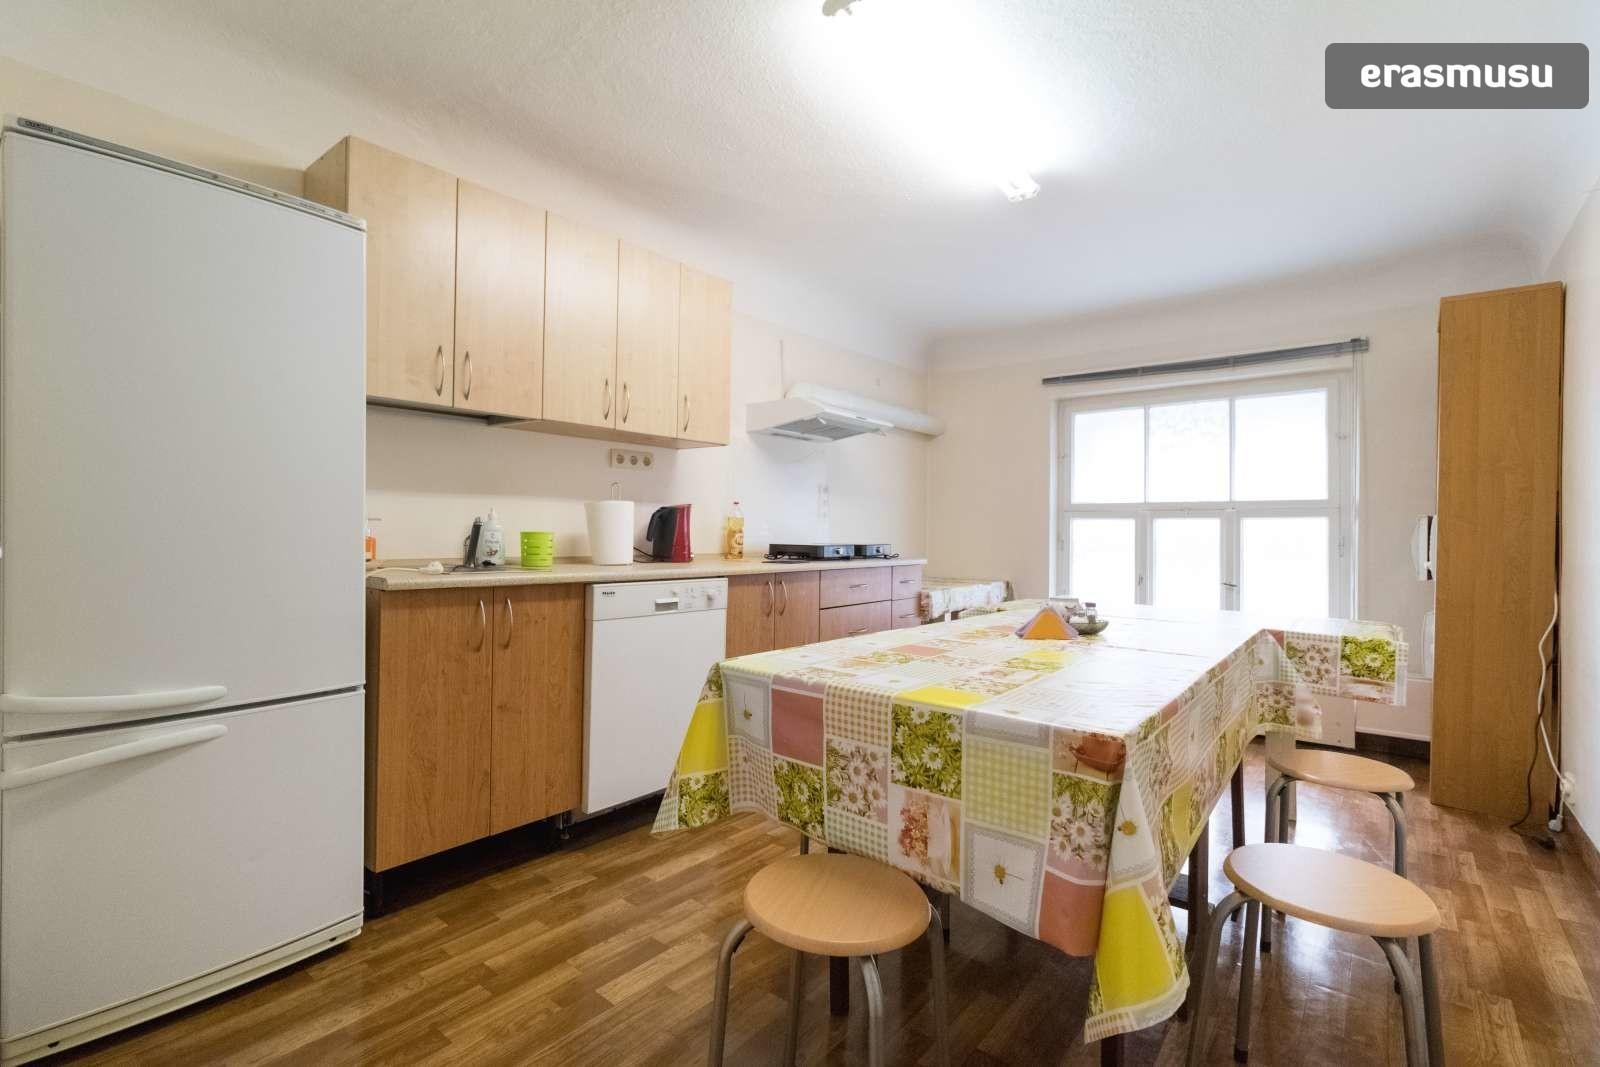 spacious-3-bedroom-apartment-rent-avoti-99674e0f97ca3a9936476d0f